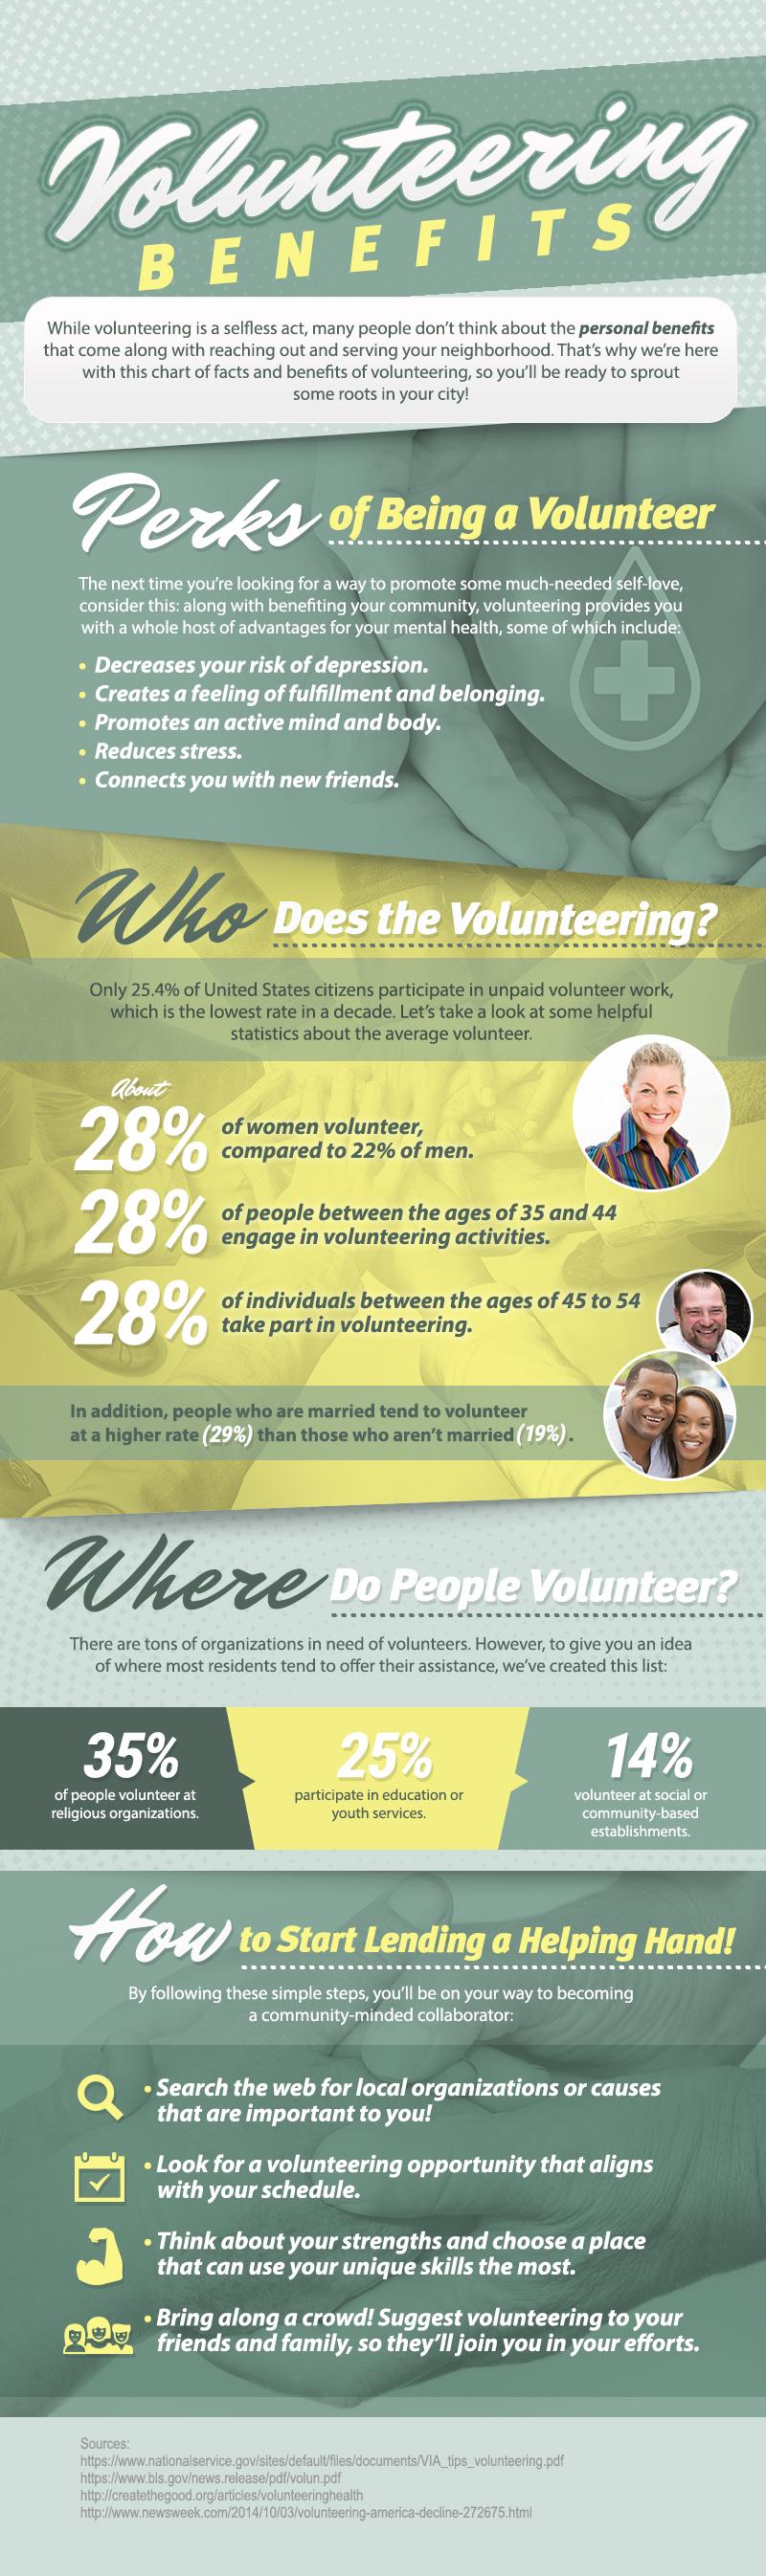 Volunteering benefits.jpg